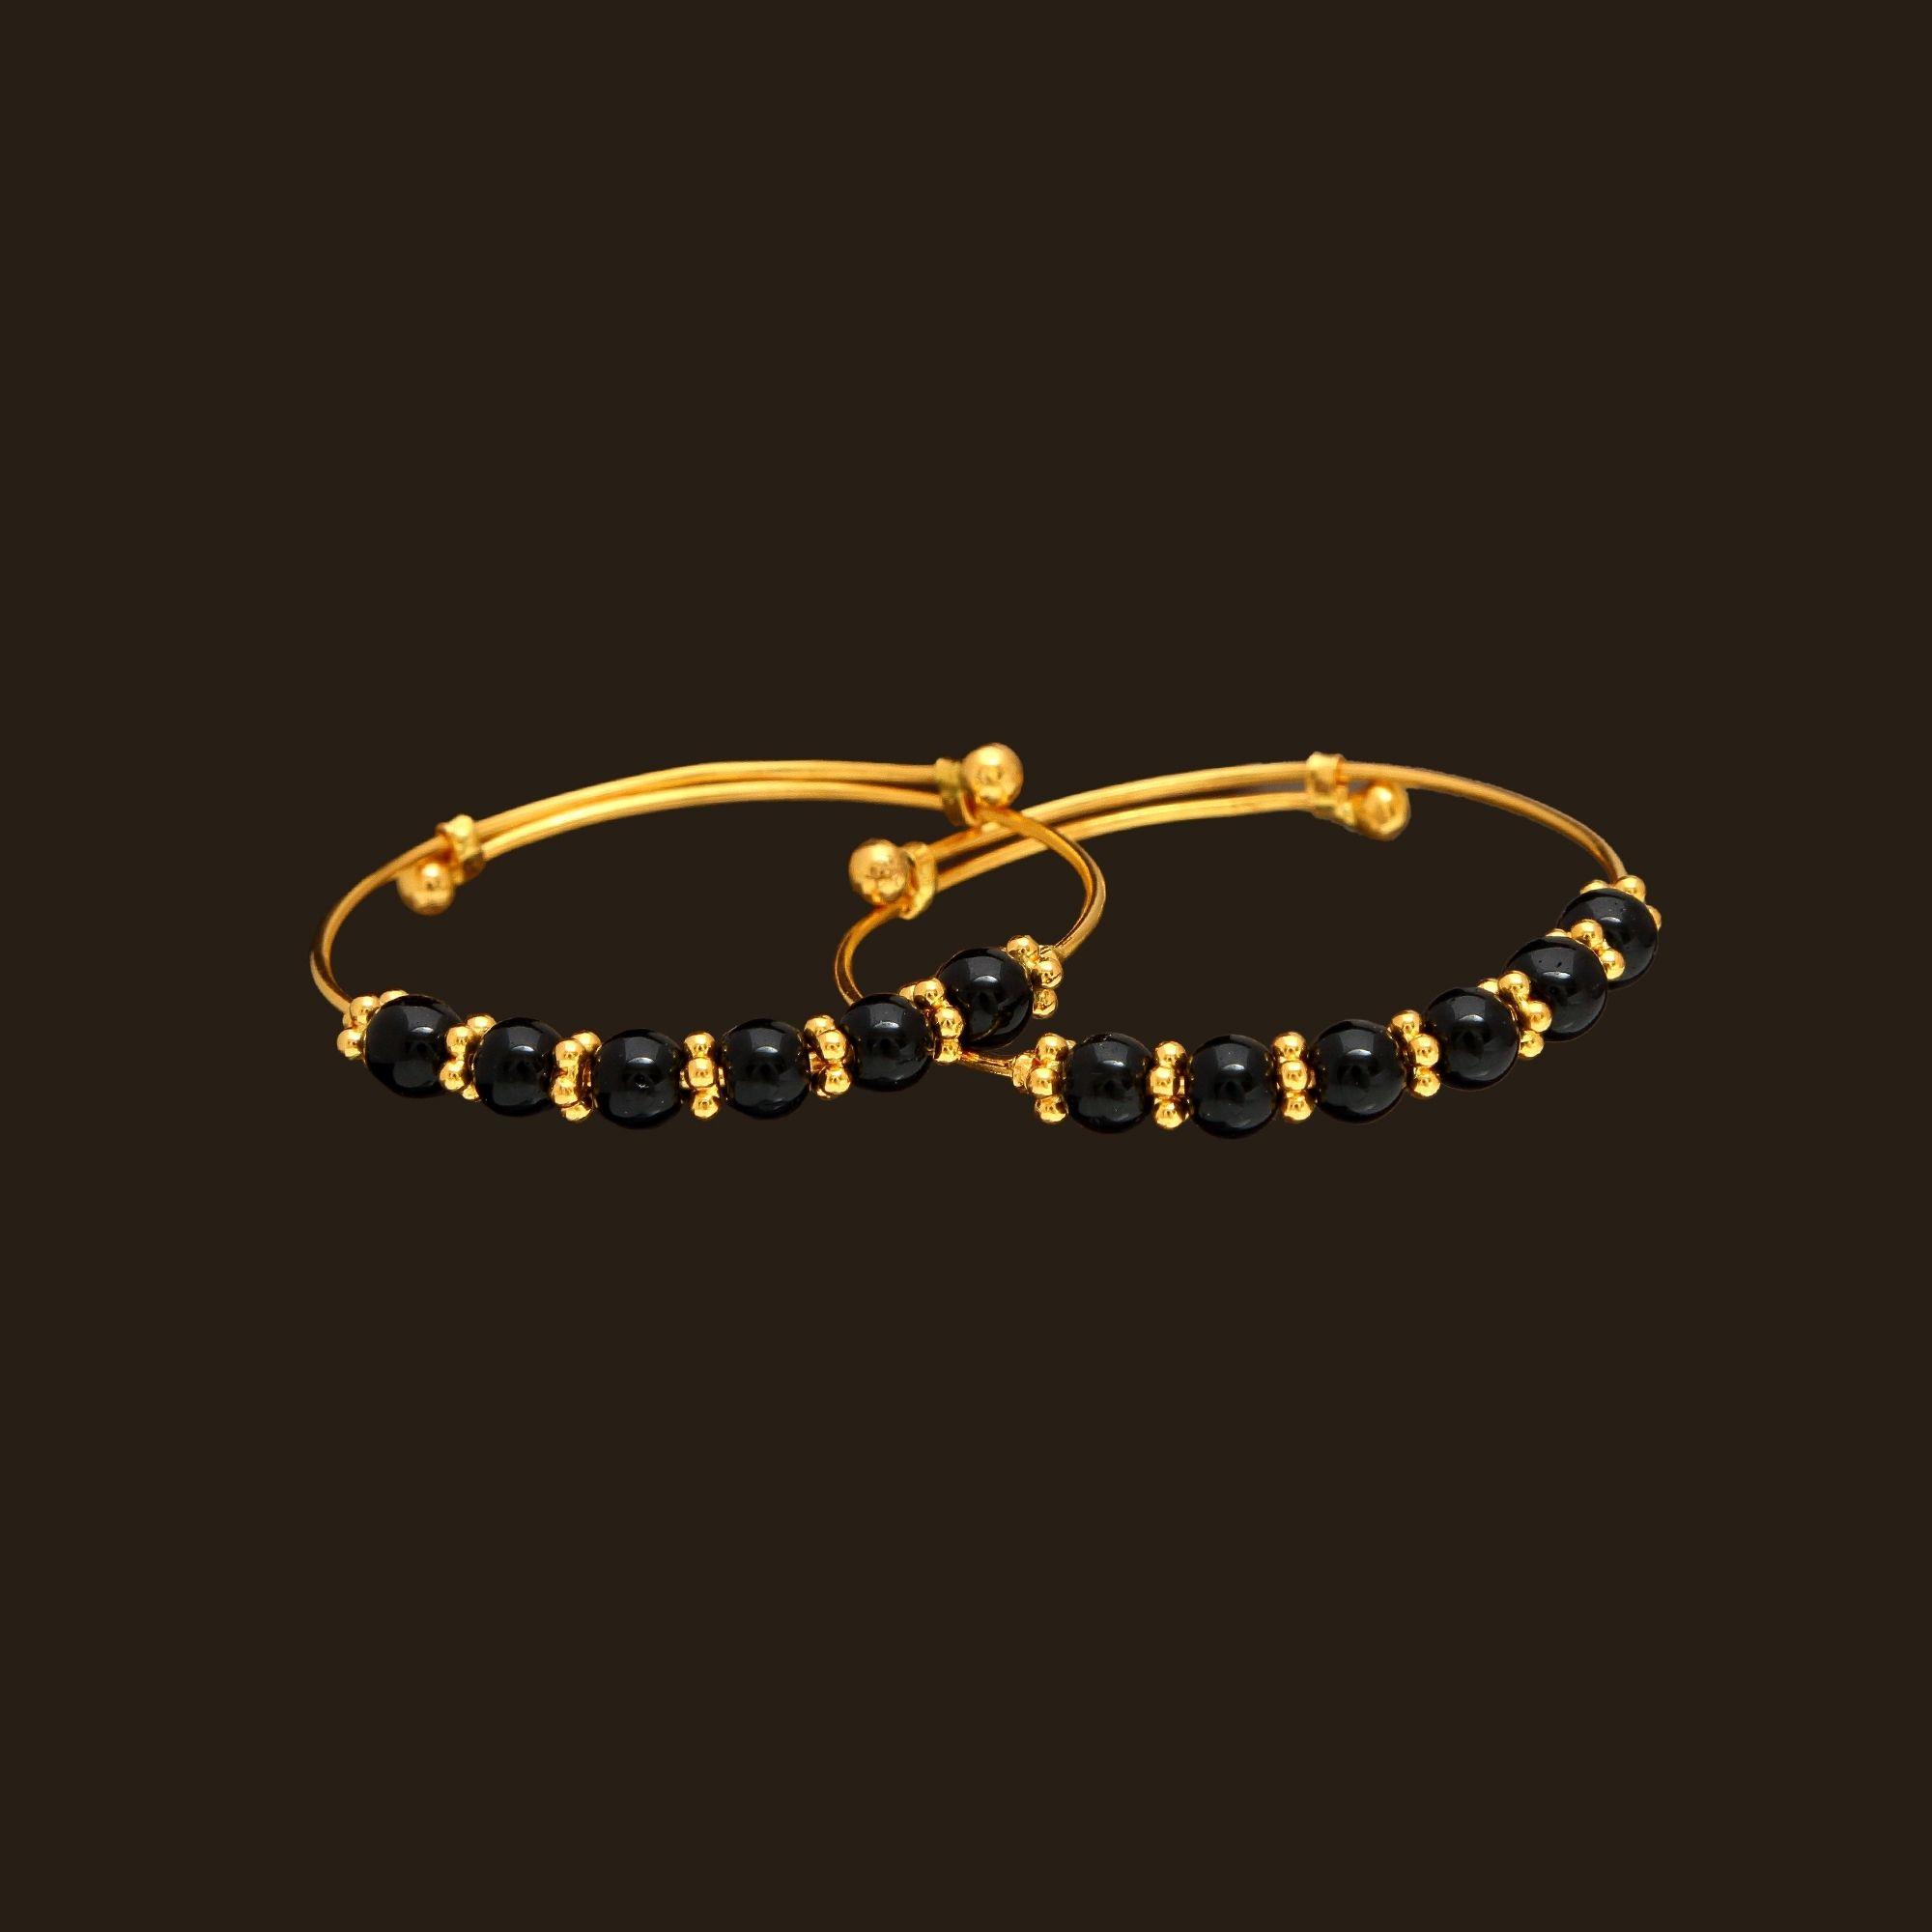 Gold baby bangles a vummidi bangaru jewellers bangles